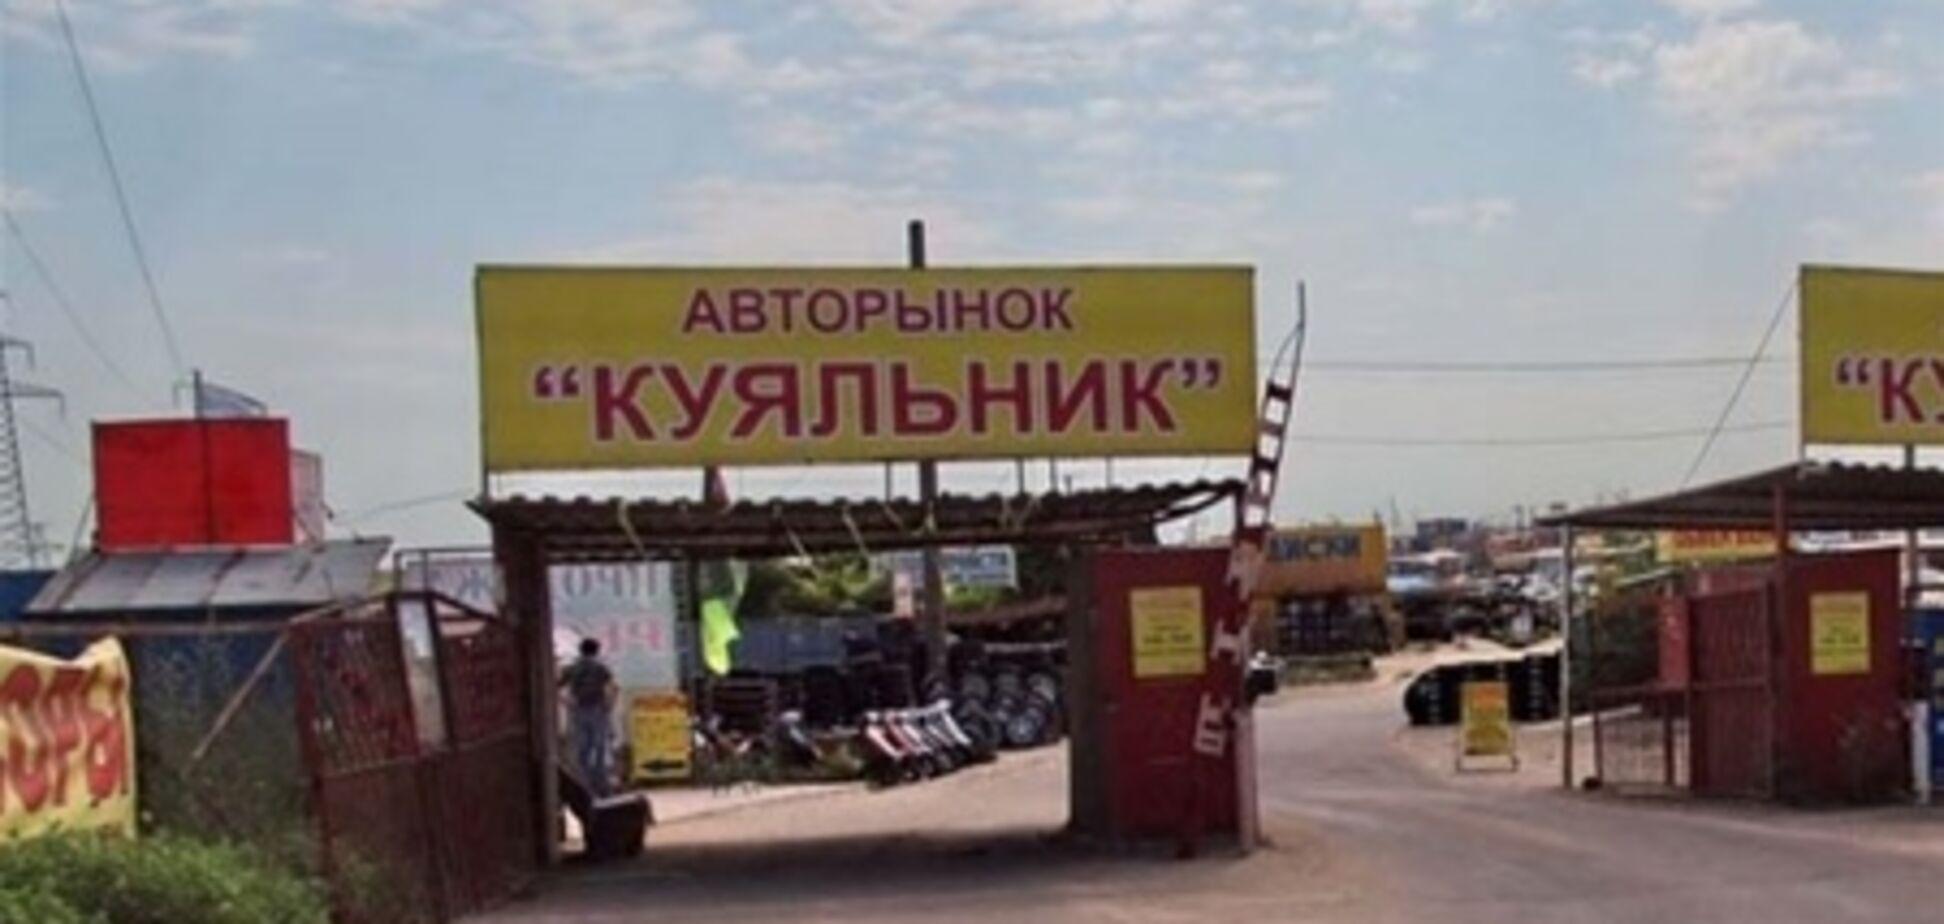 В Одессе задержали директора авторынка 'Куяльник'